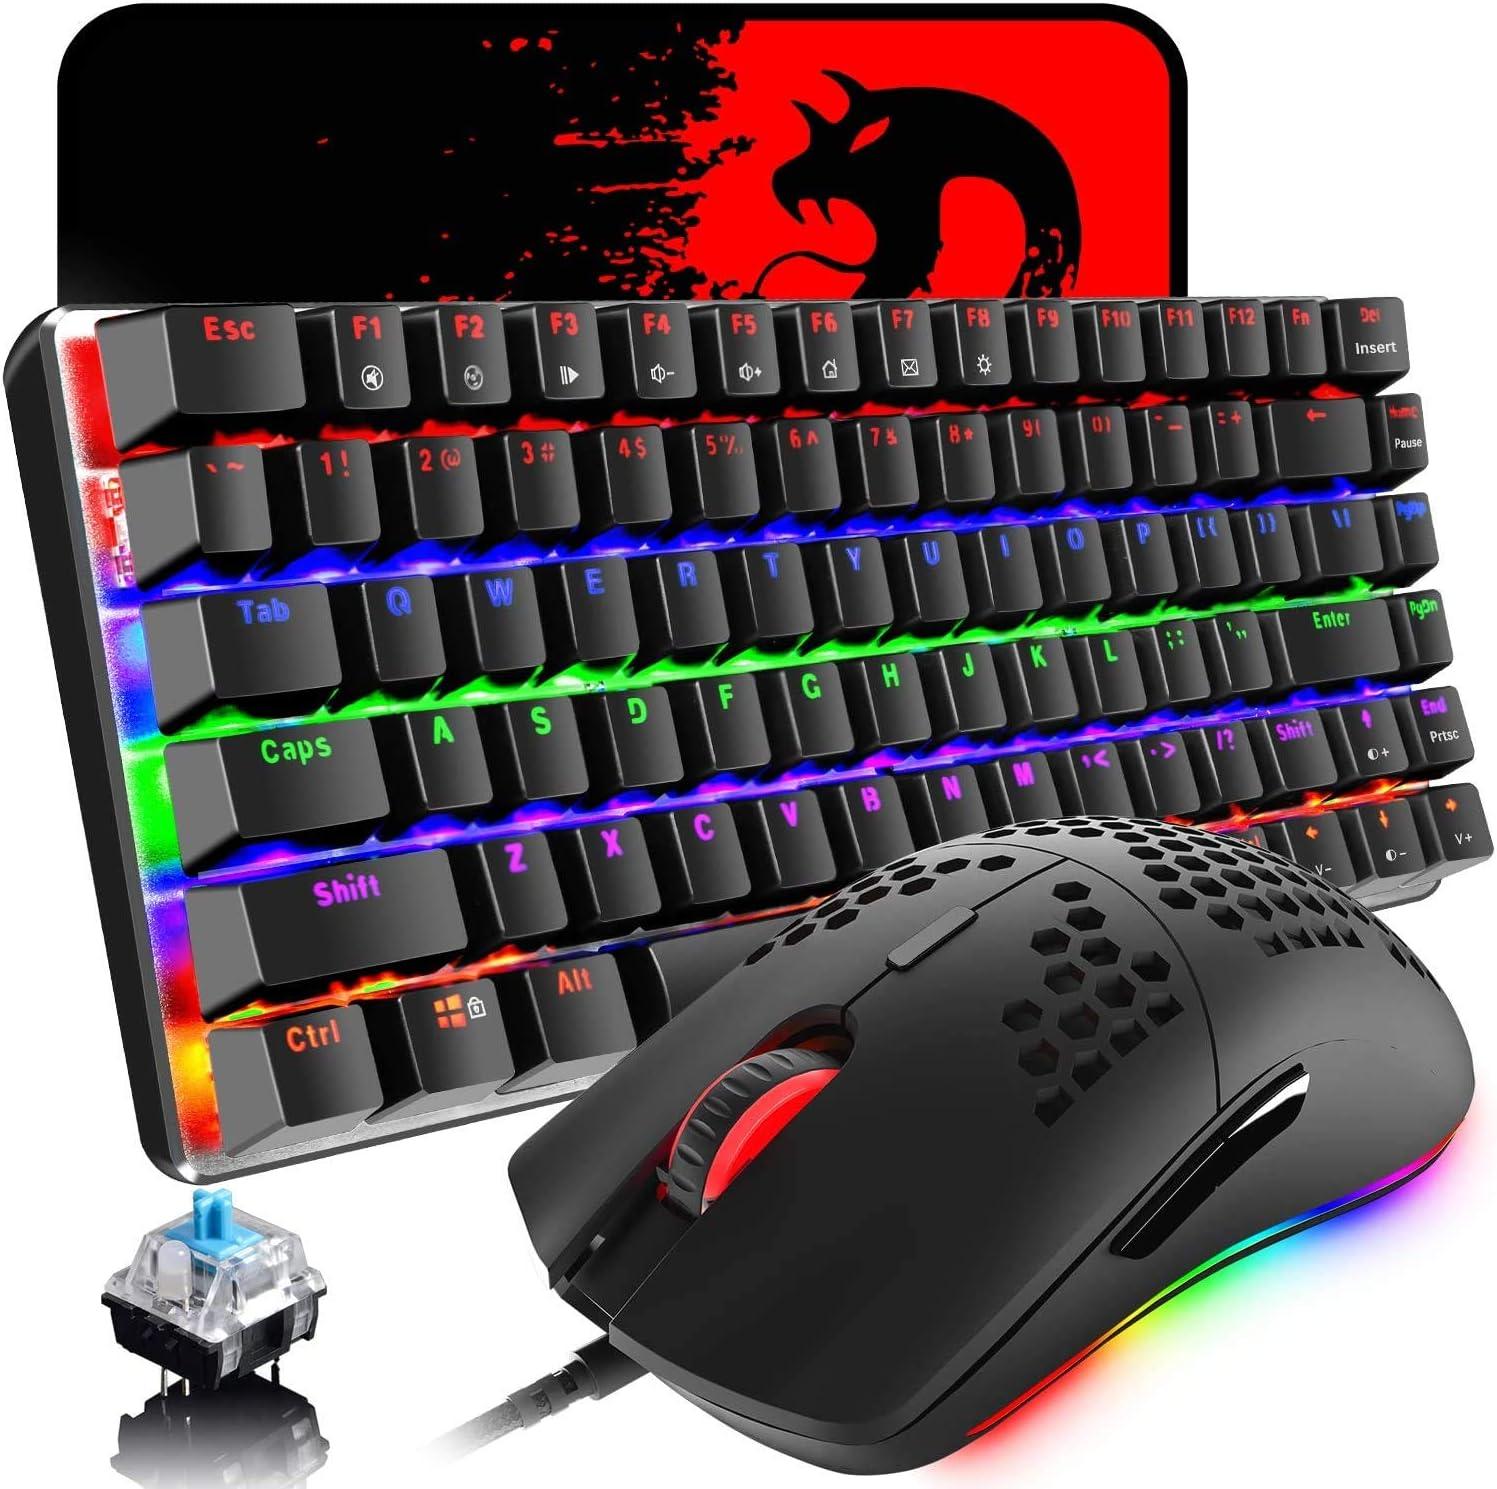 Teclado y mouse mecánicos para juegos,retroiluminación LED arcoíris USB tipo C Teclado con cable Teclas anti-fantasma + Mouse para juegos RGB 6400 ...